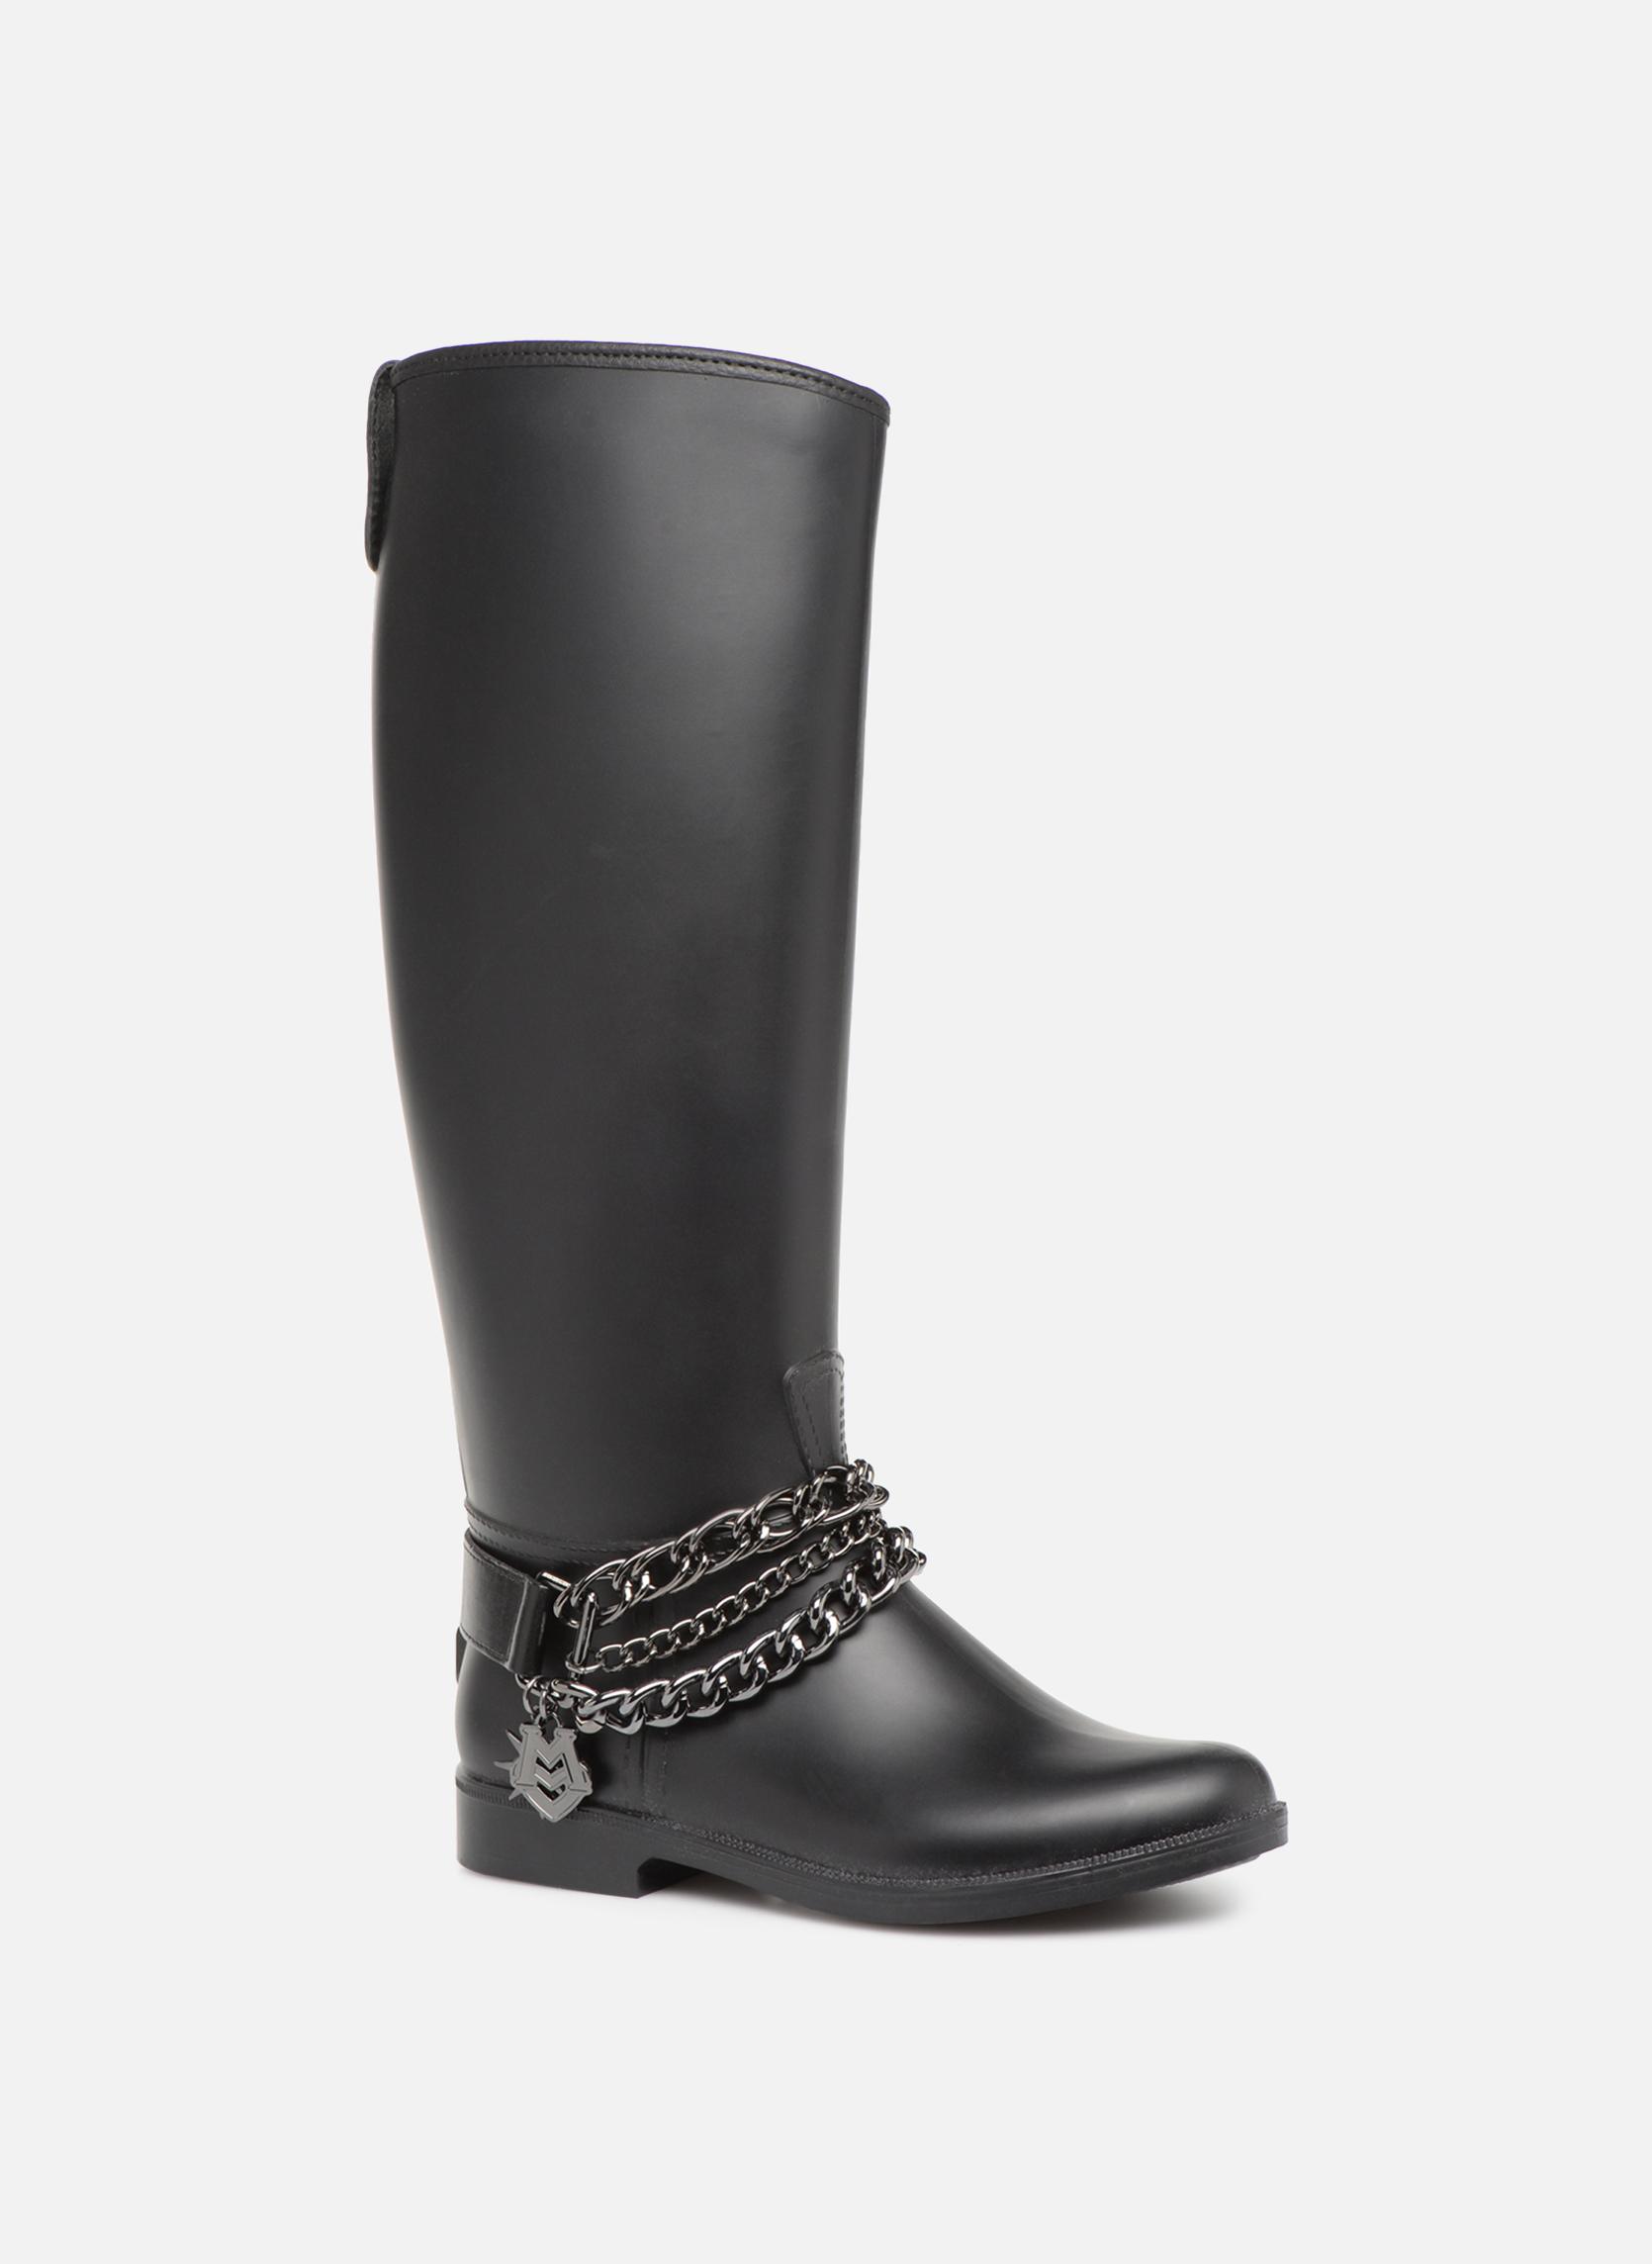 Bottes Femme Rain chain boot